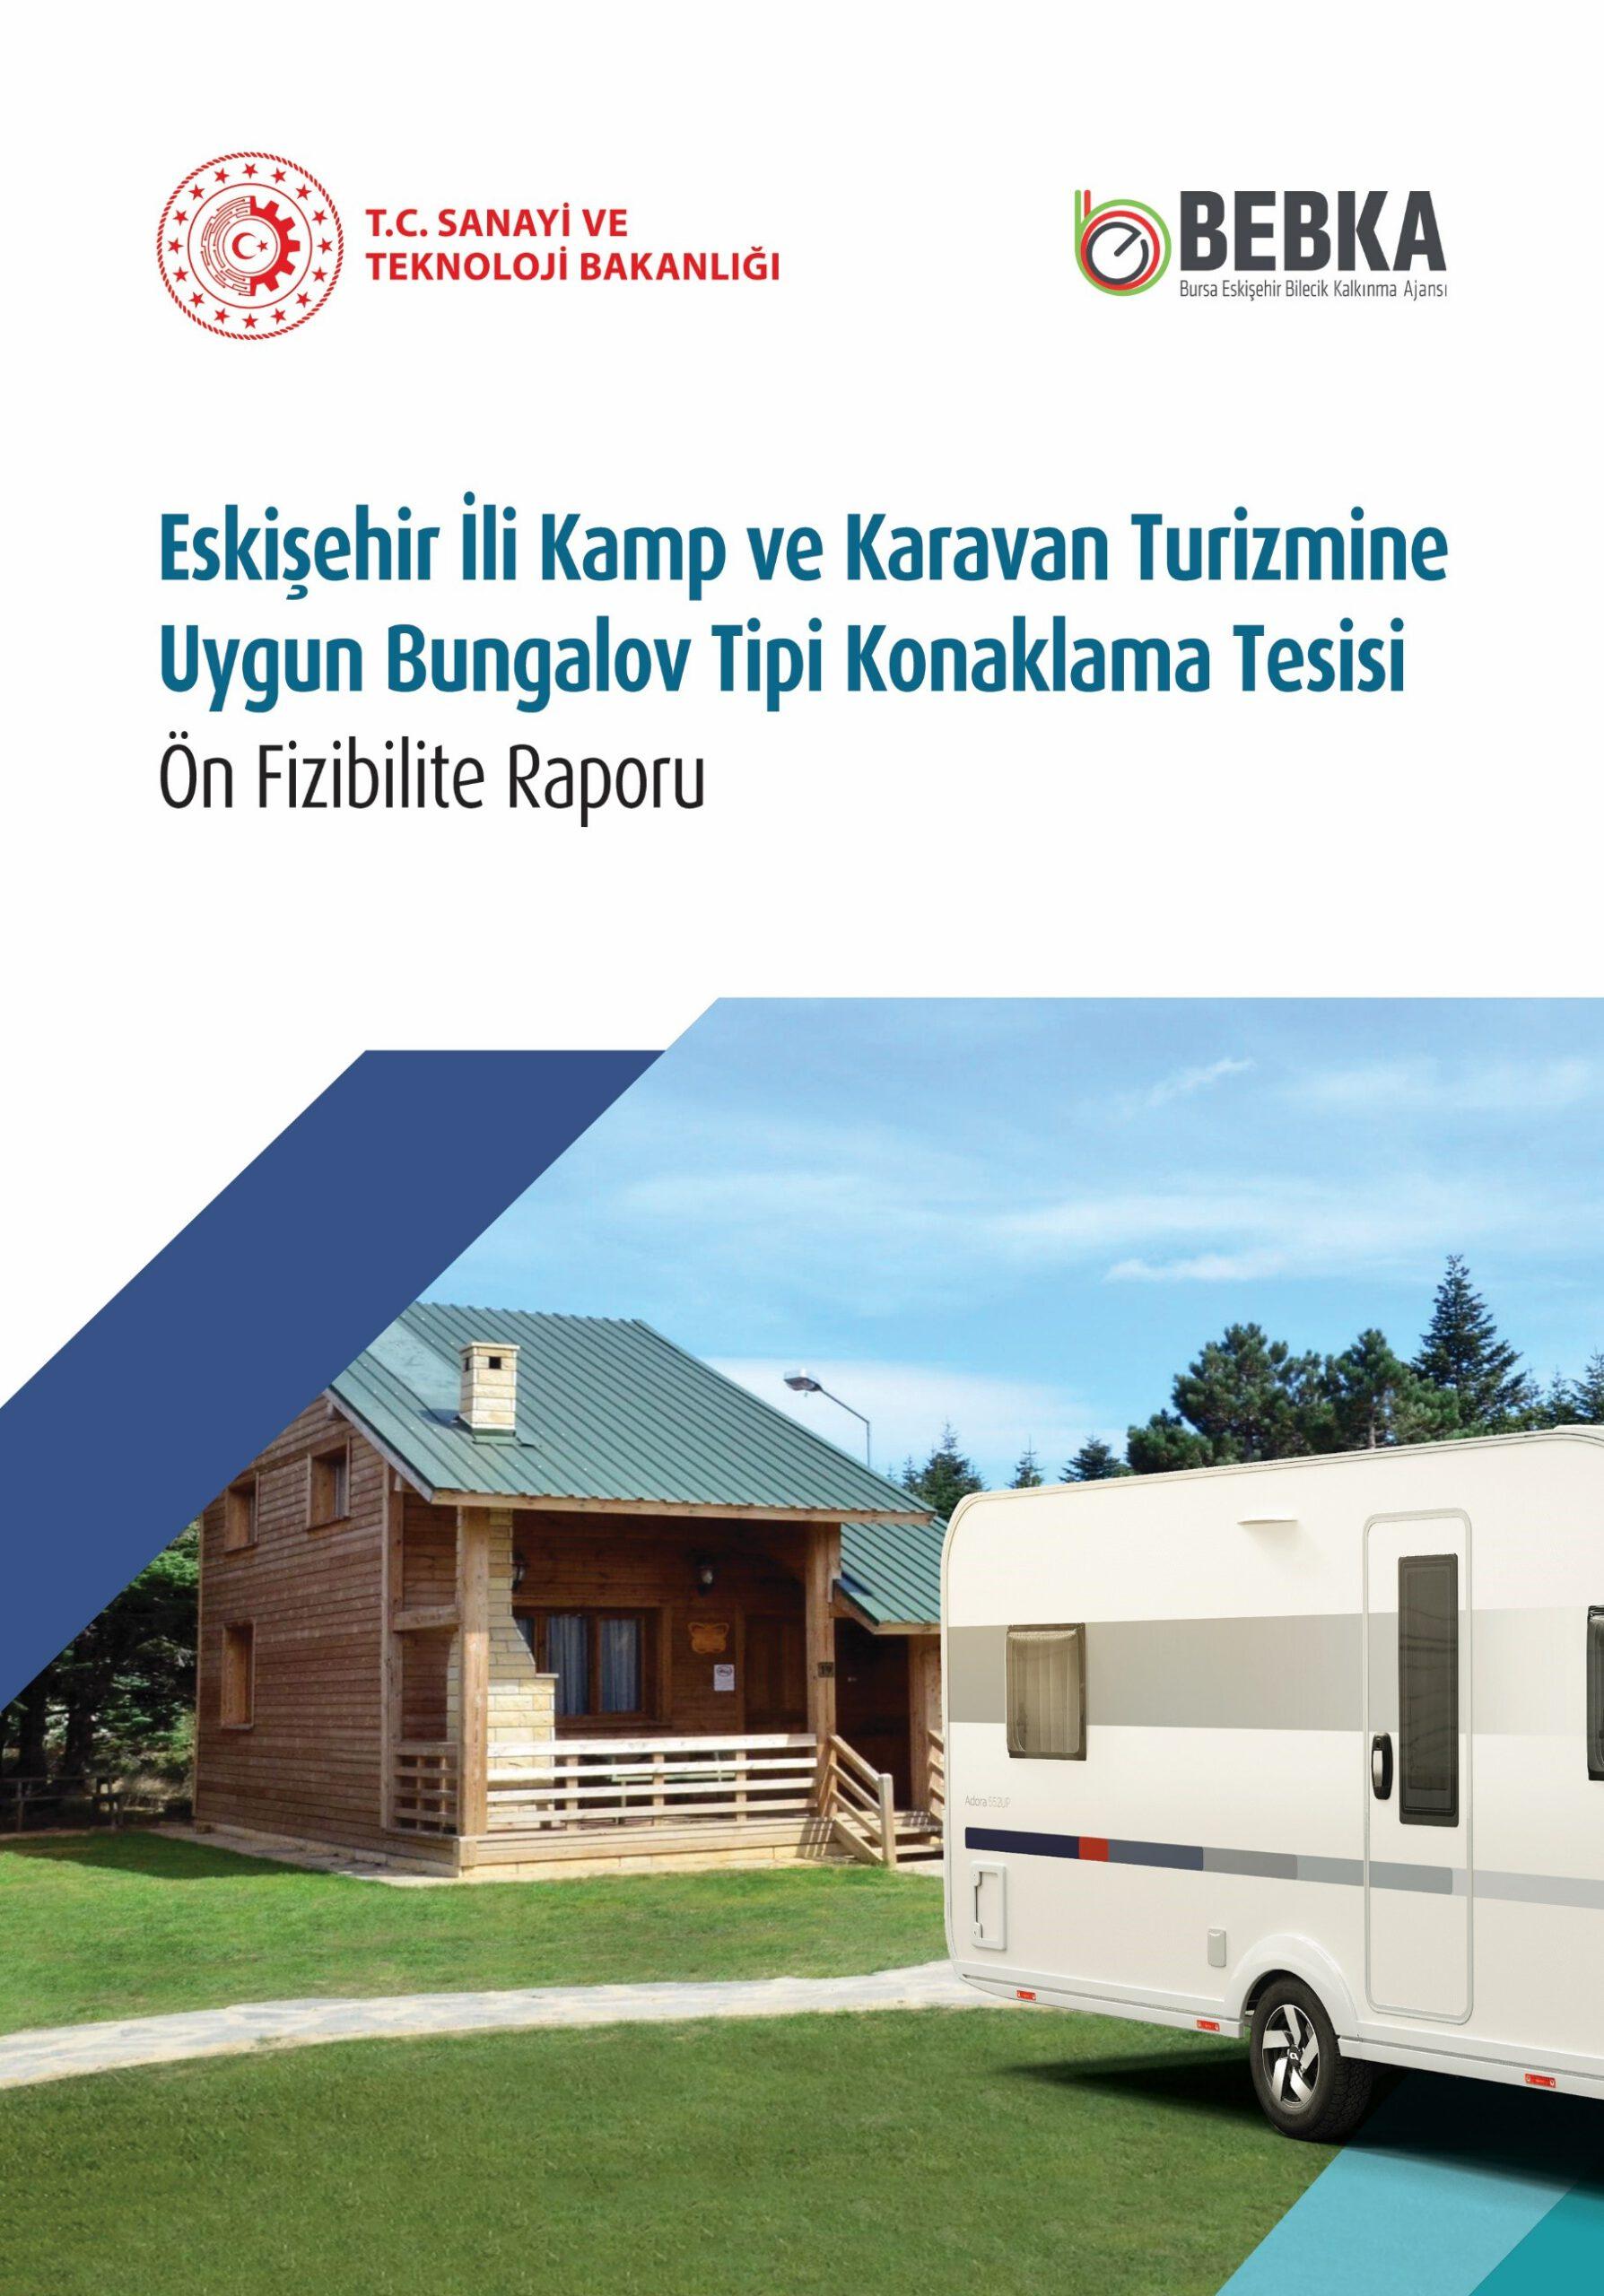 Eskişehir İli Kamp ve Karavan Turizmine Uygun Bungalov Tipi Konaklama Tesisi Ön Fizibilite Raporu